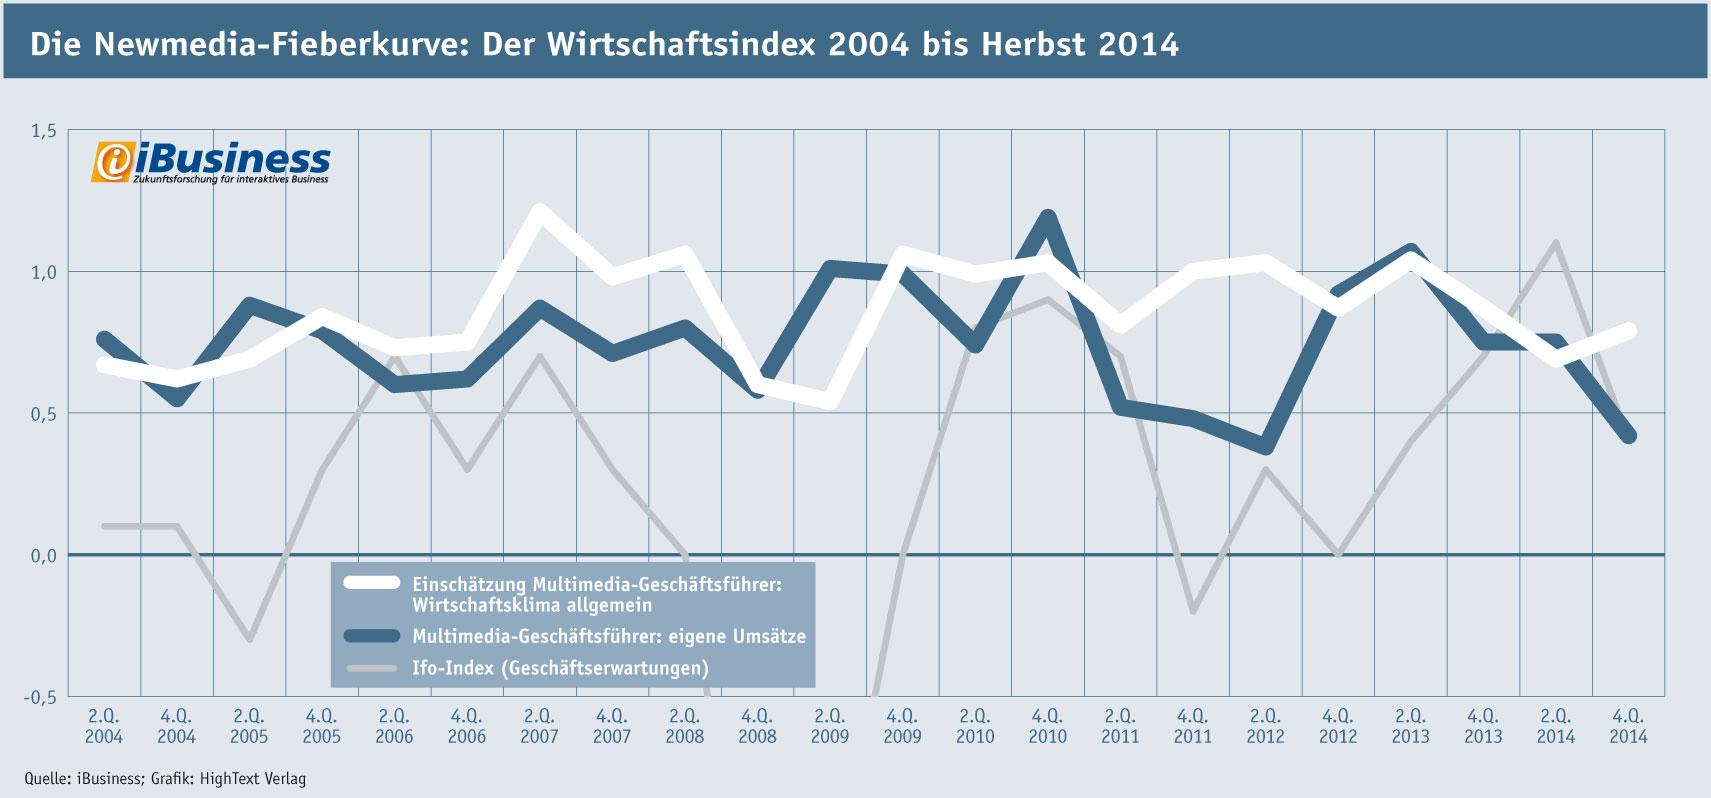 Interaktiv-Wirtschaftsklima 2004-2014